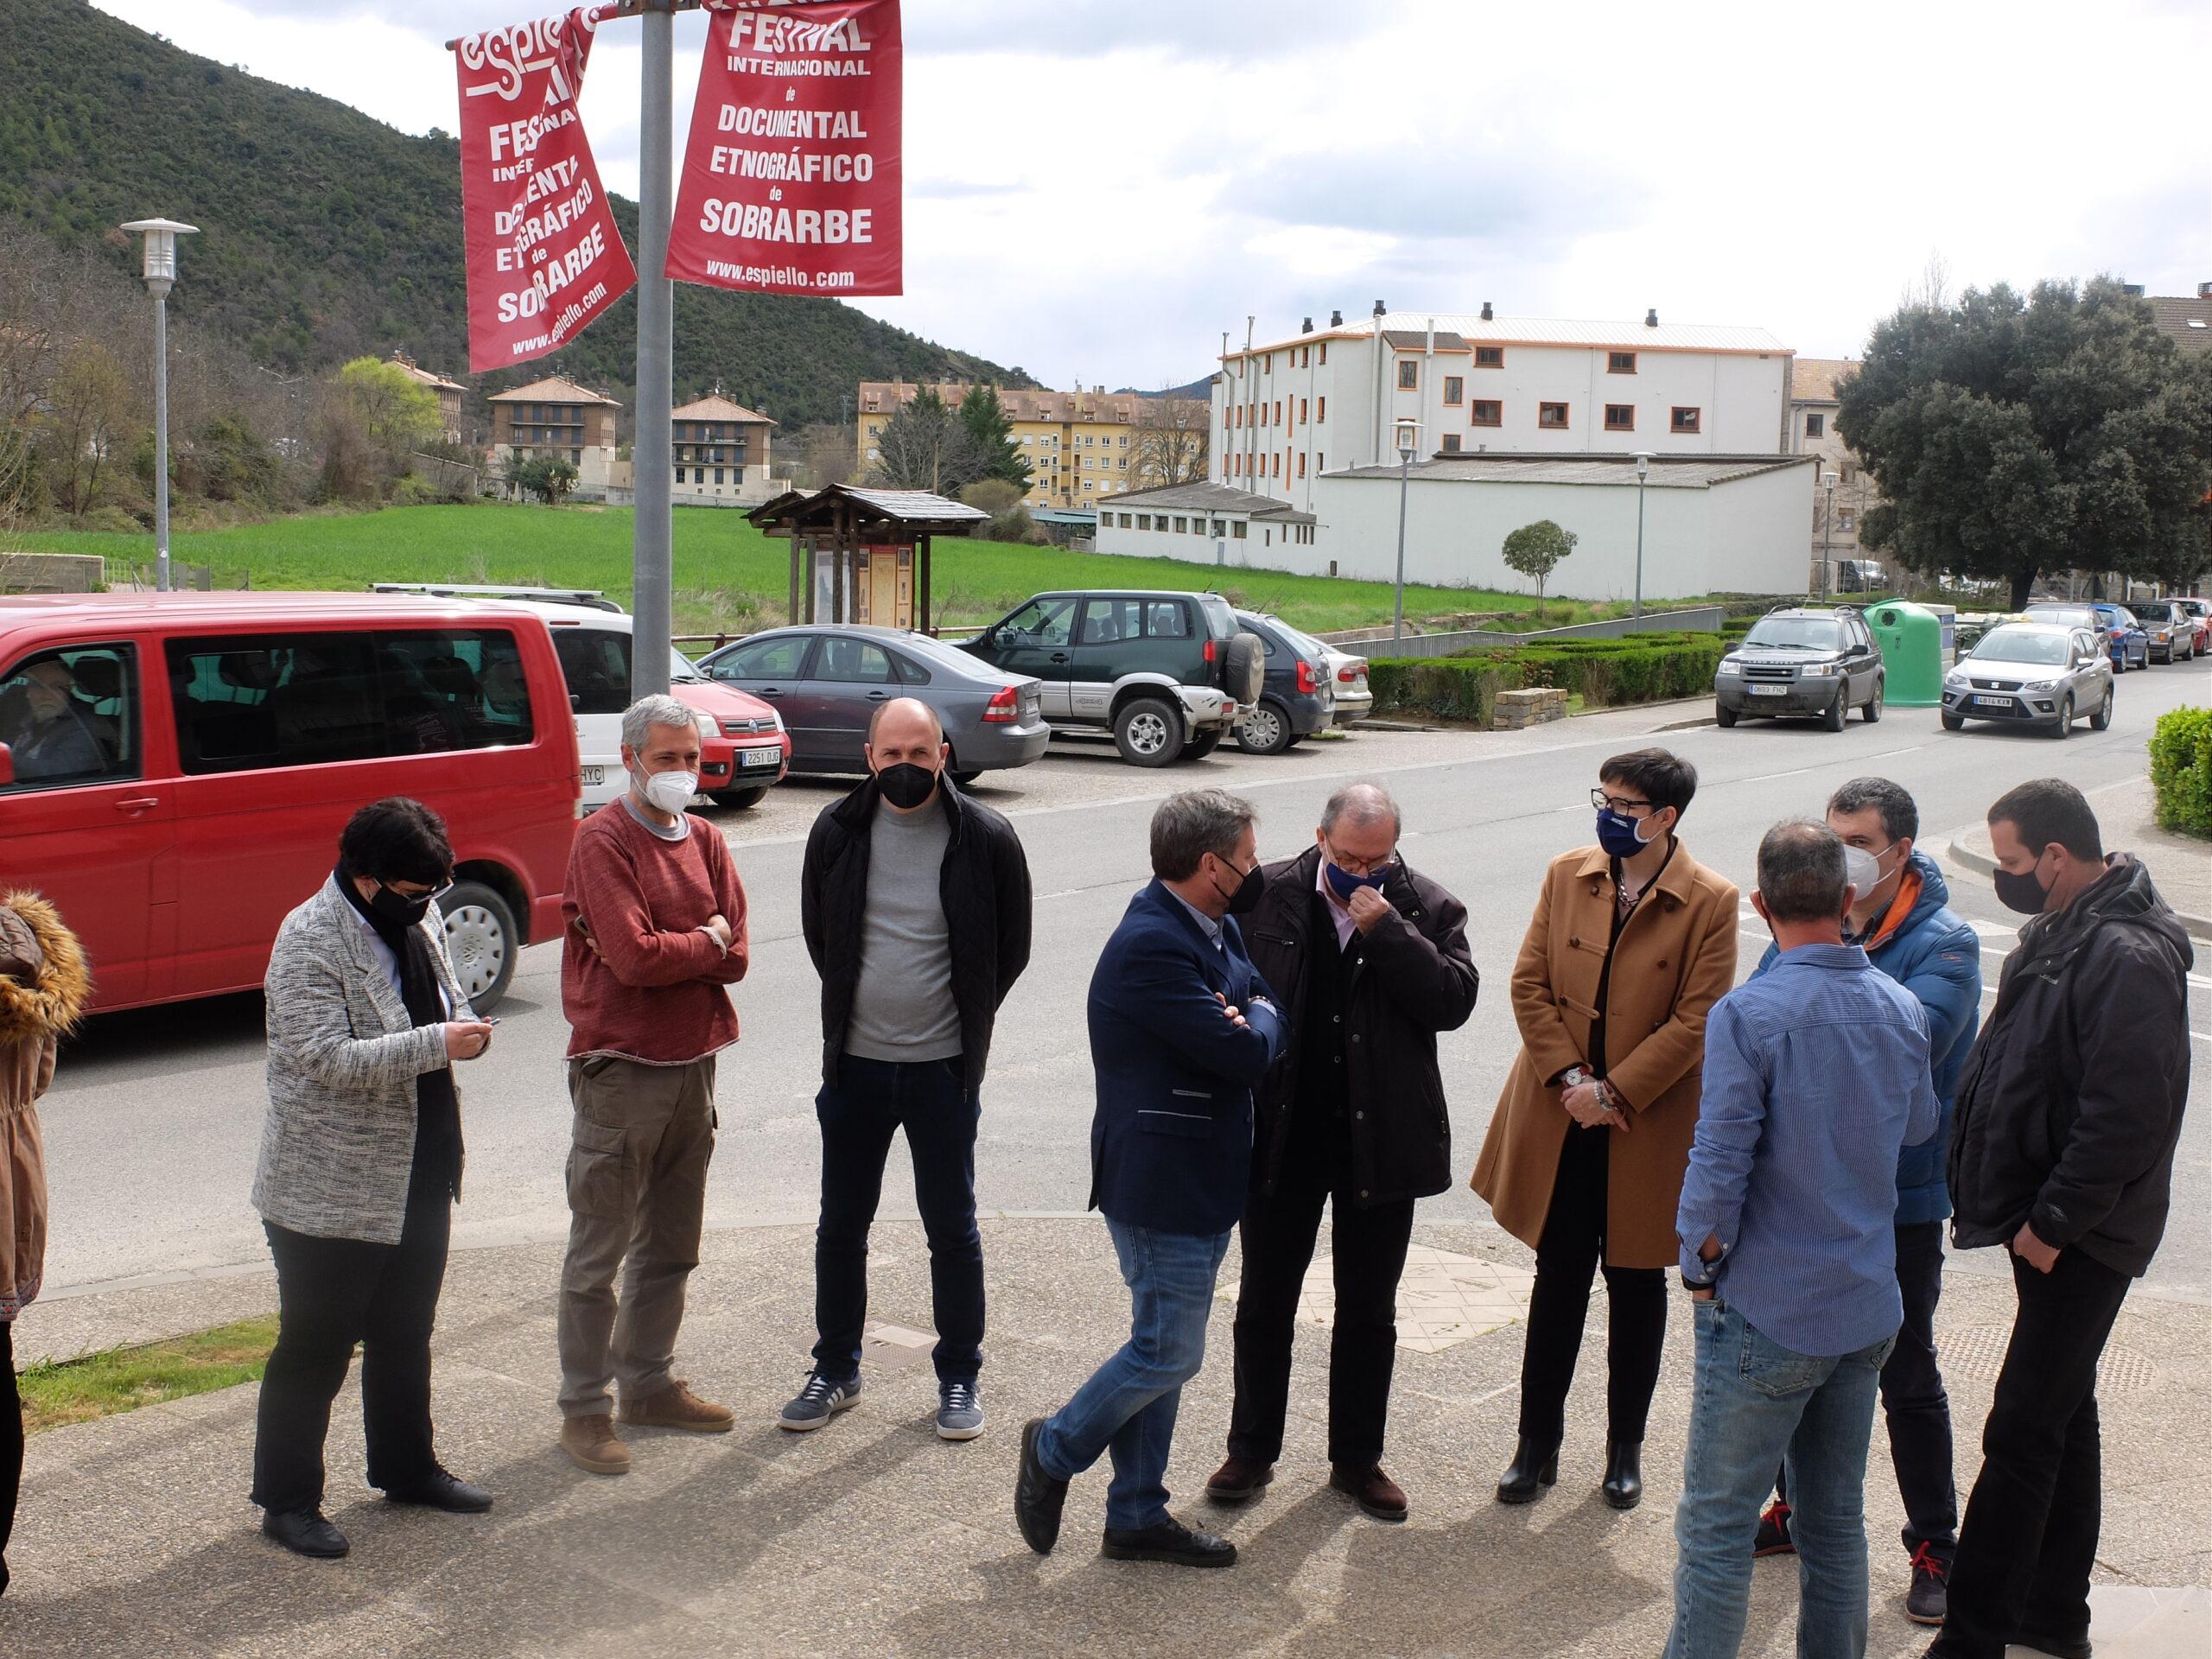 Autoridades y representantes de la Asociación de Nabateros de Sobrarbe han visitado la exposición Nabatas360